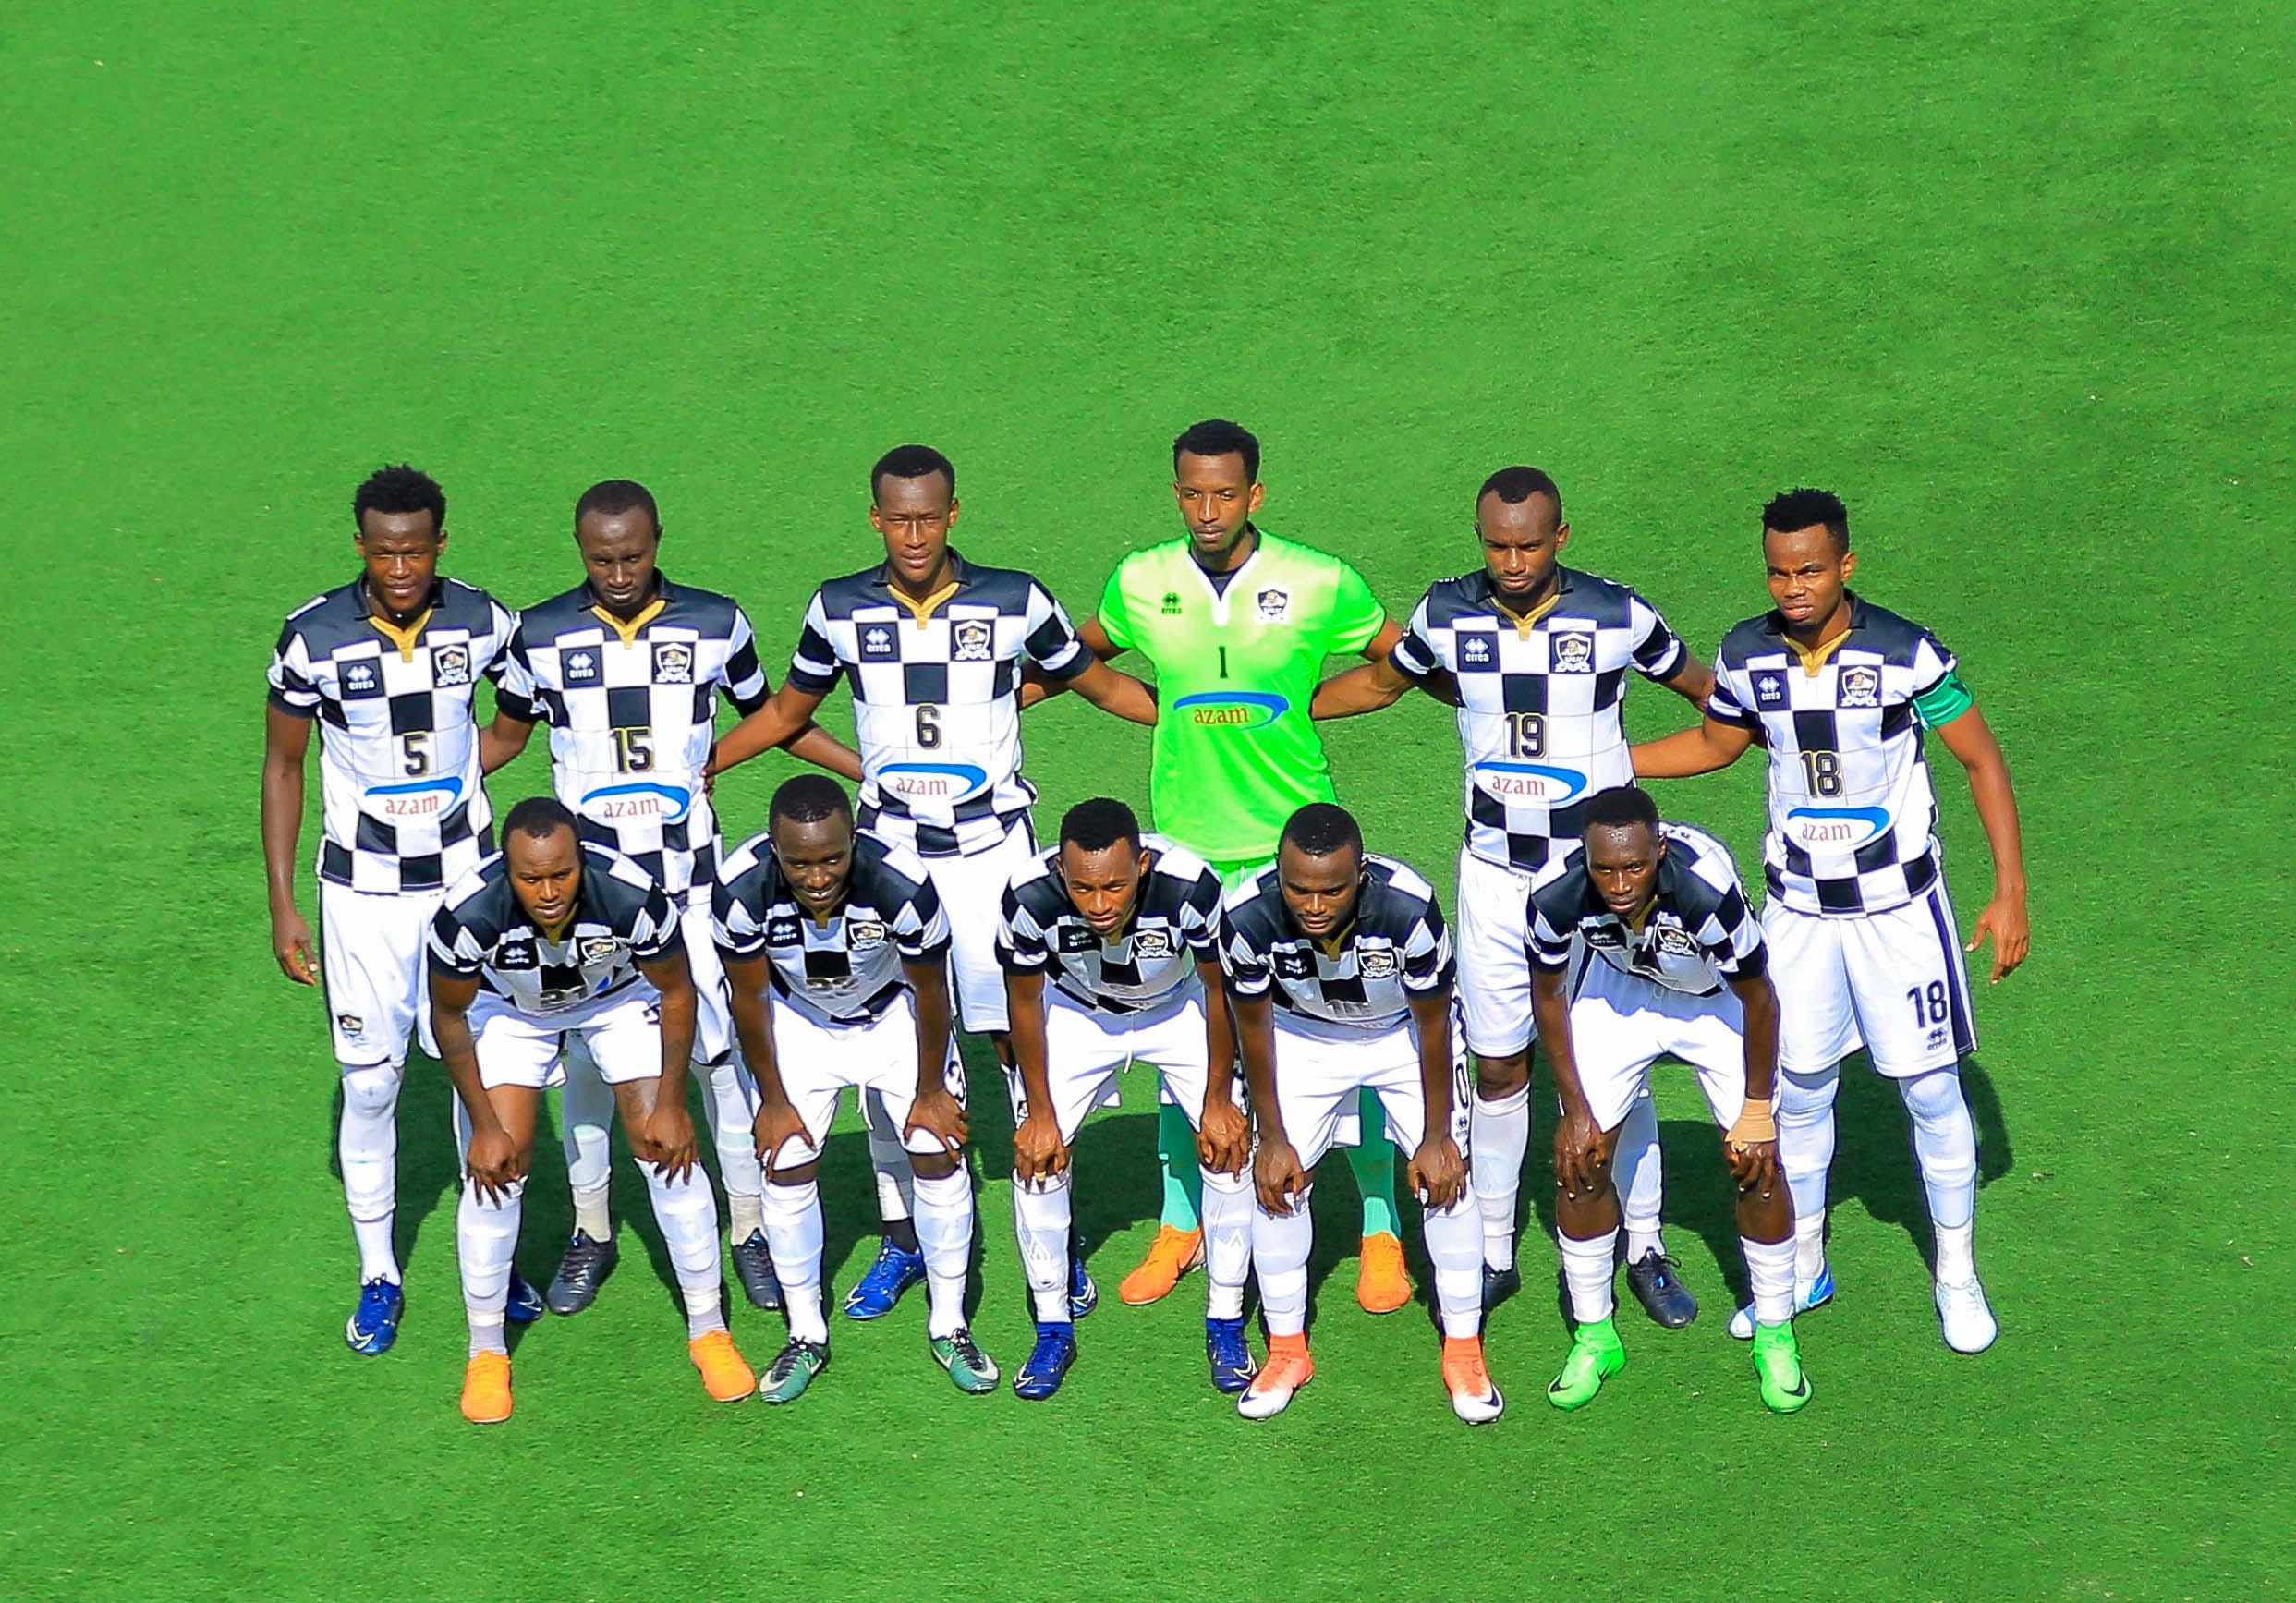 Ikipe ya APR FC ikomeje gukina imikino ya gicuti itegura imikino ya CAF Champions League